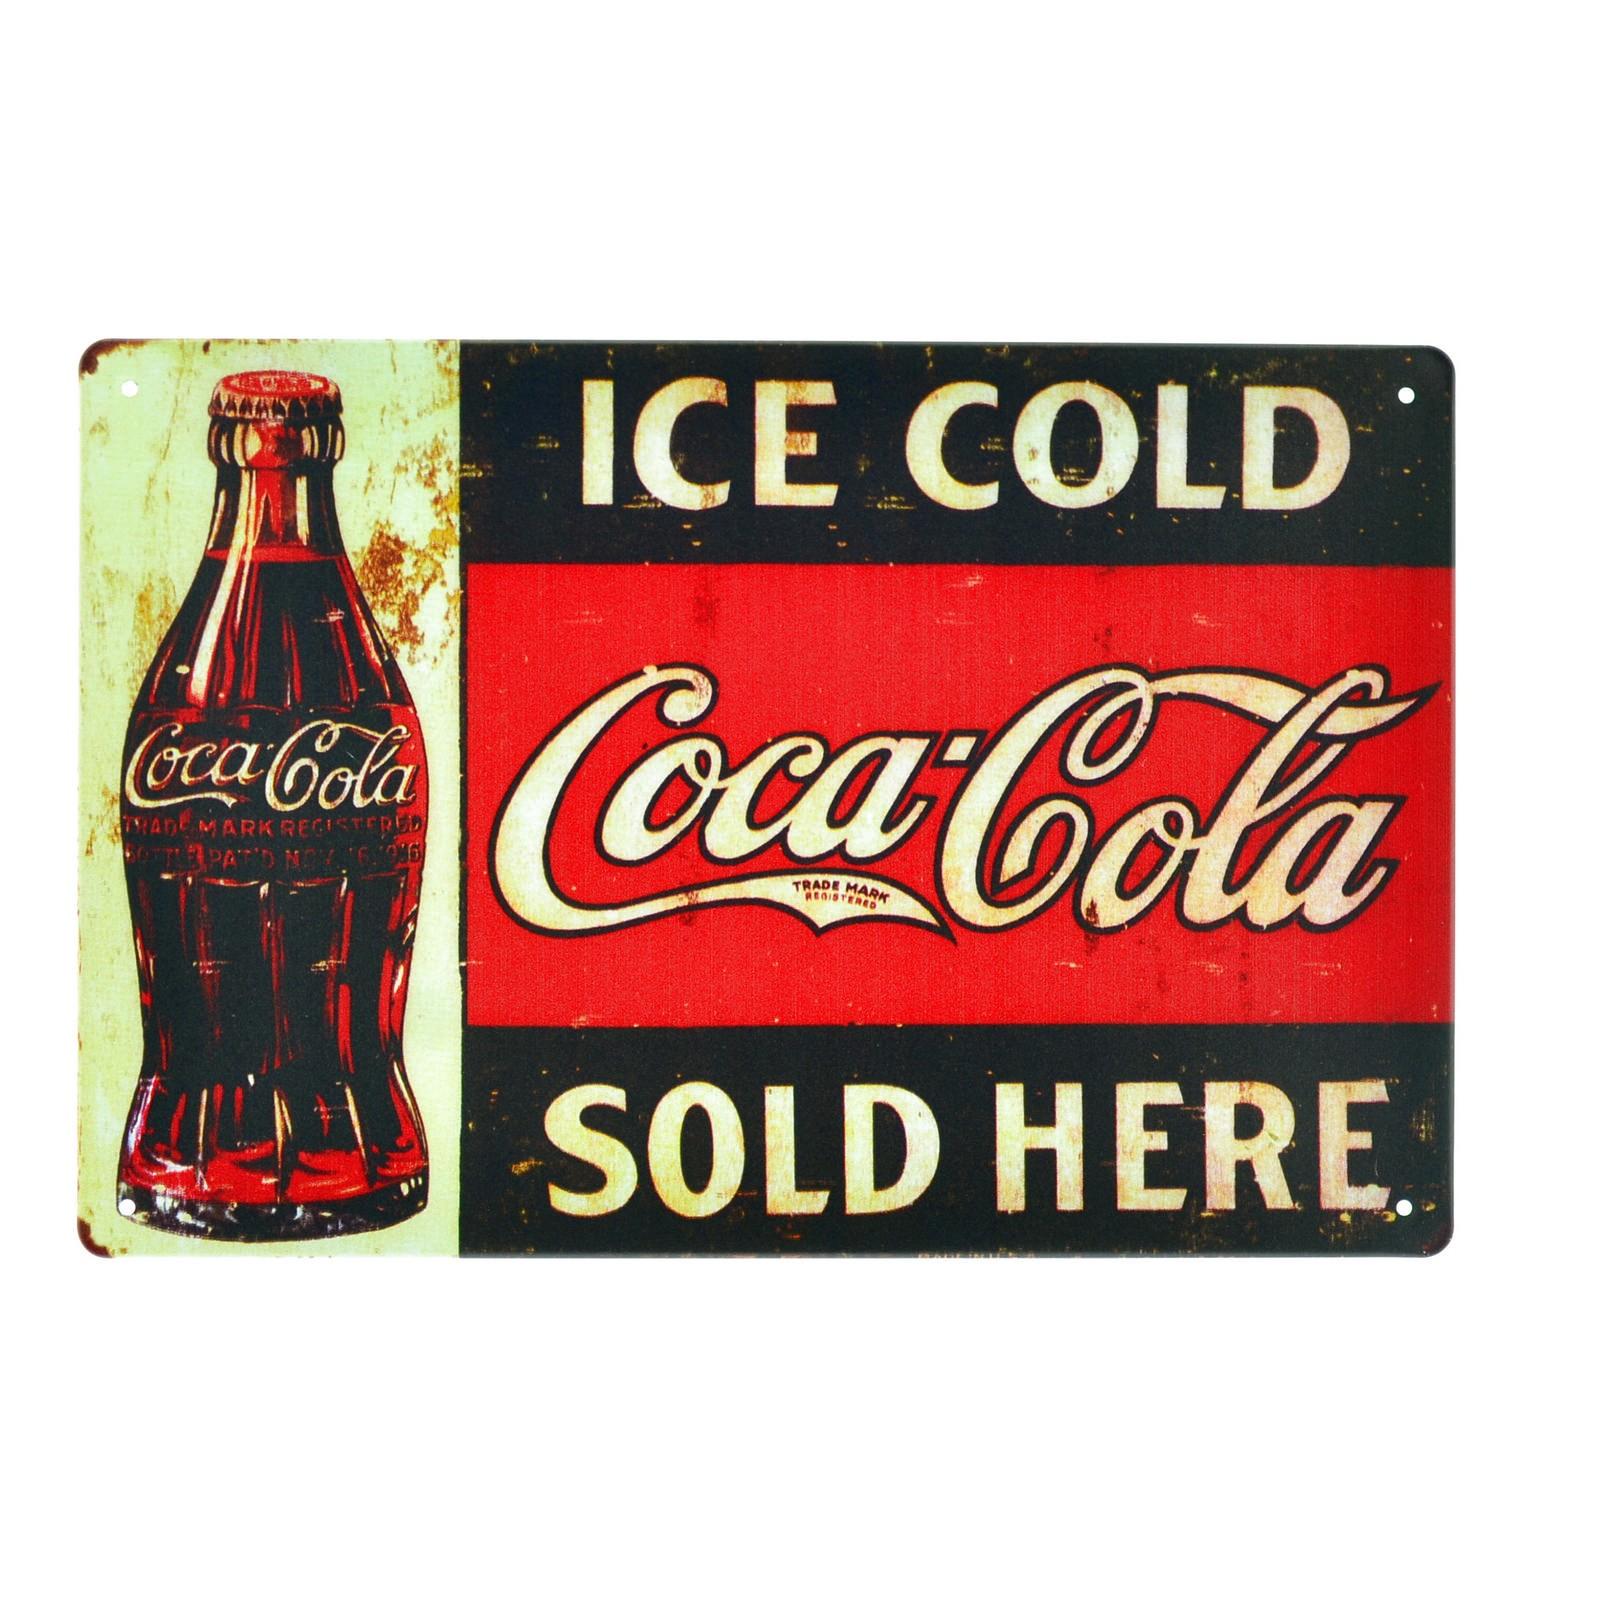 Cartel Metálico de Coca Cola Ice Cold